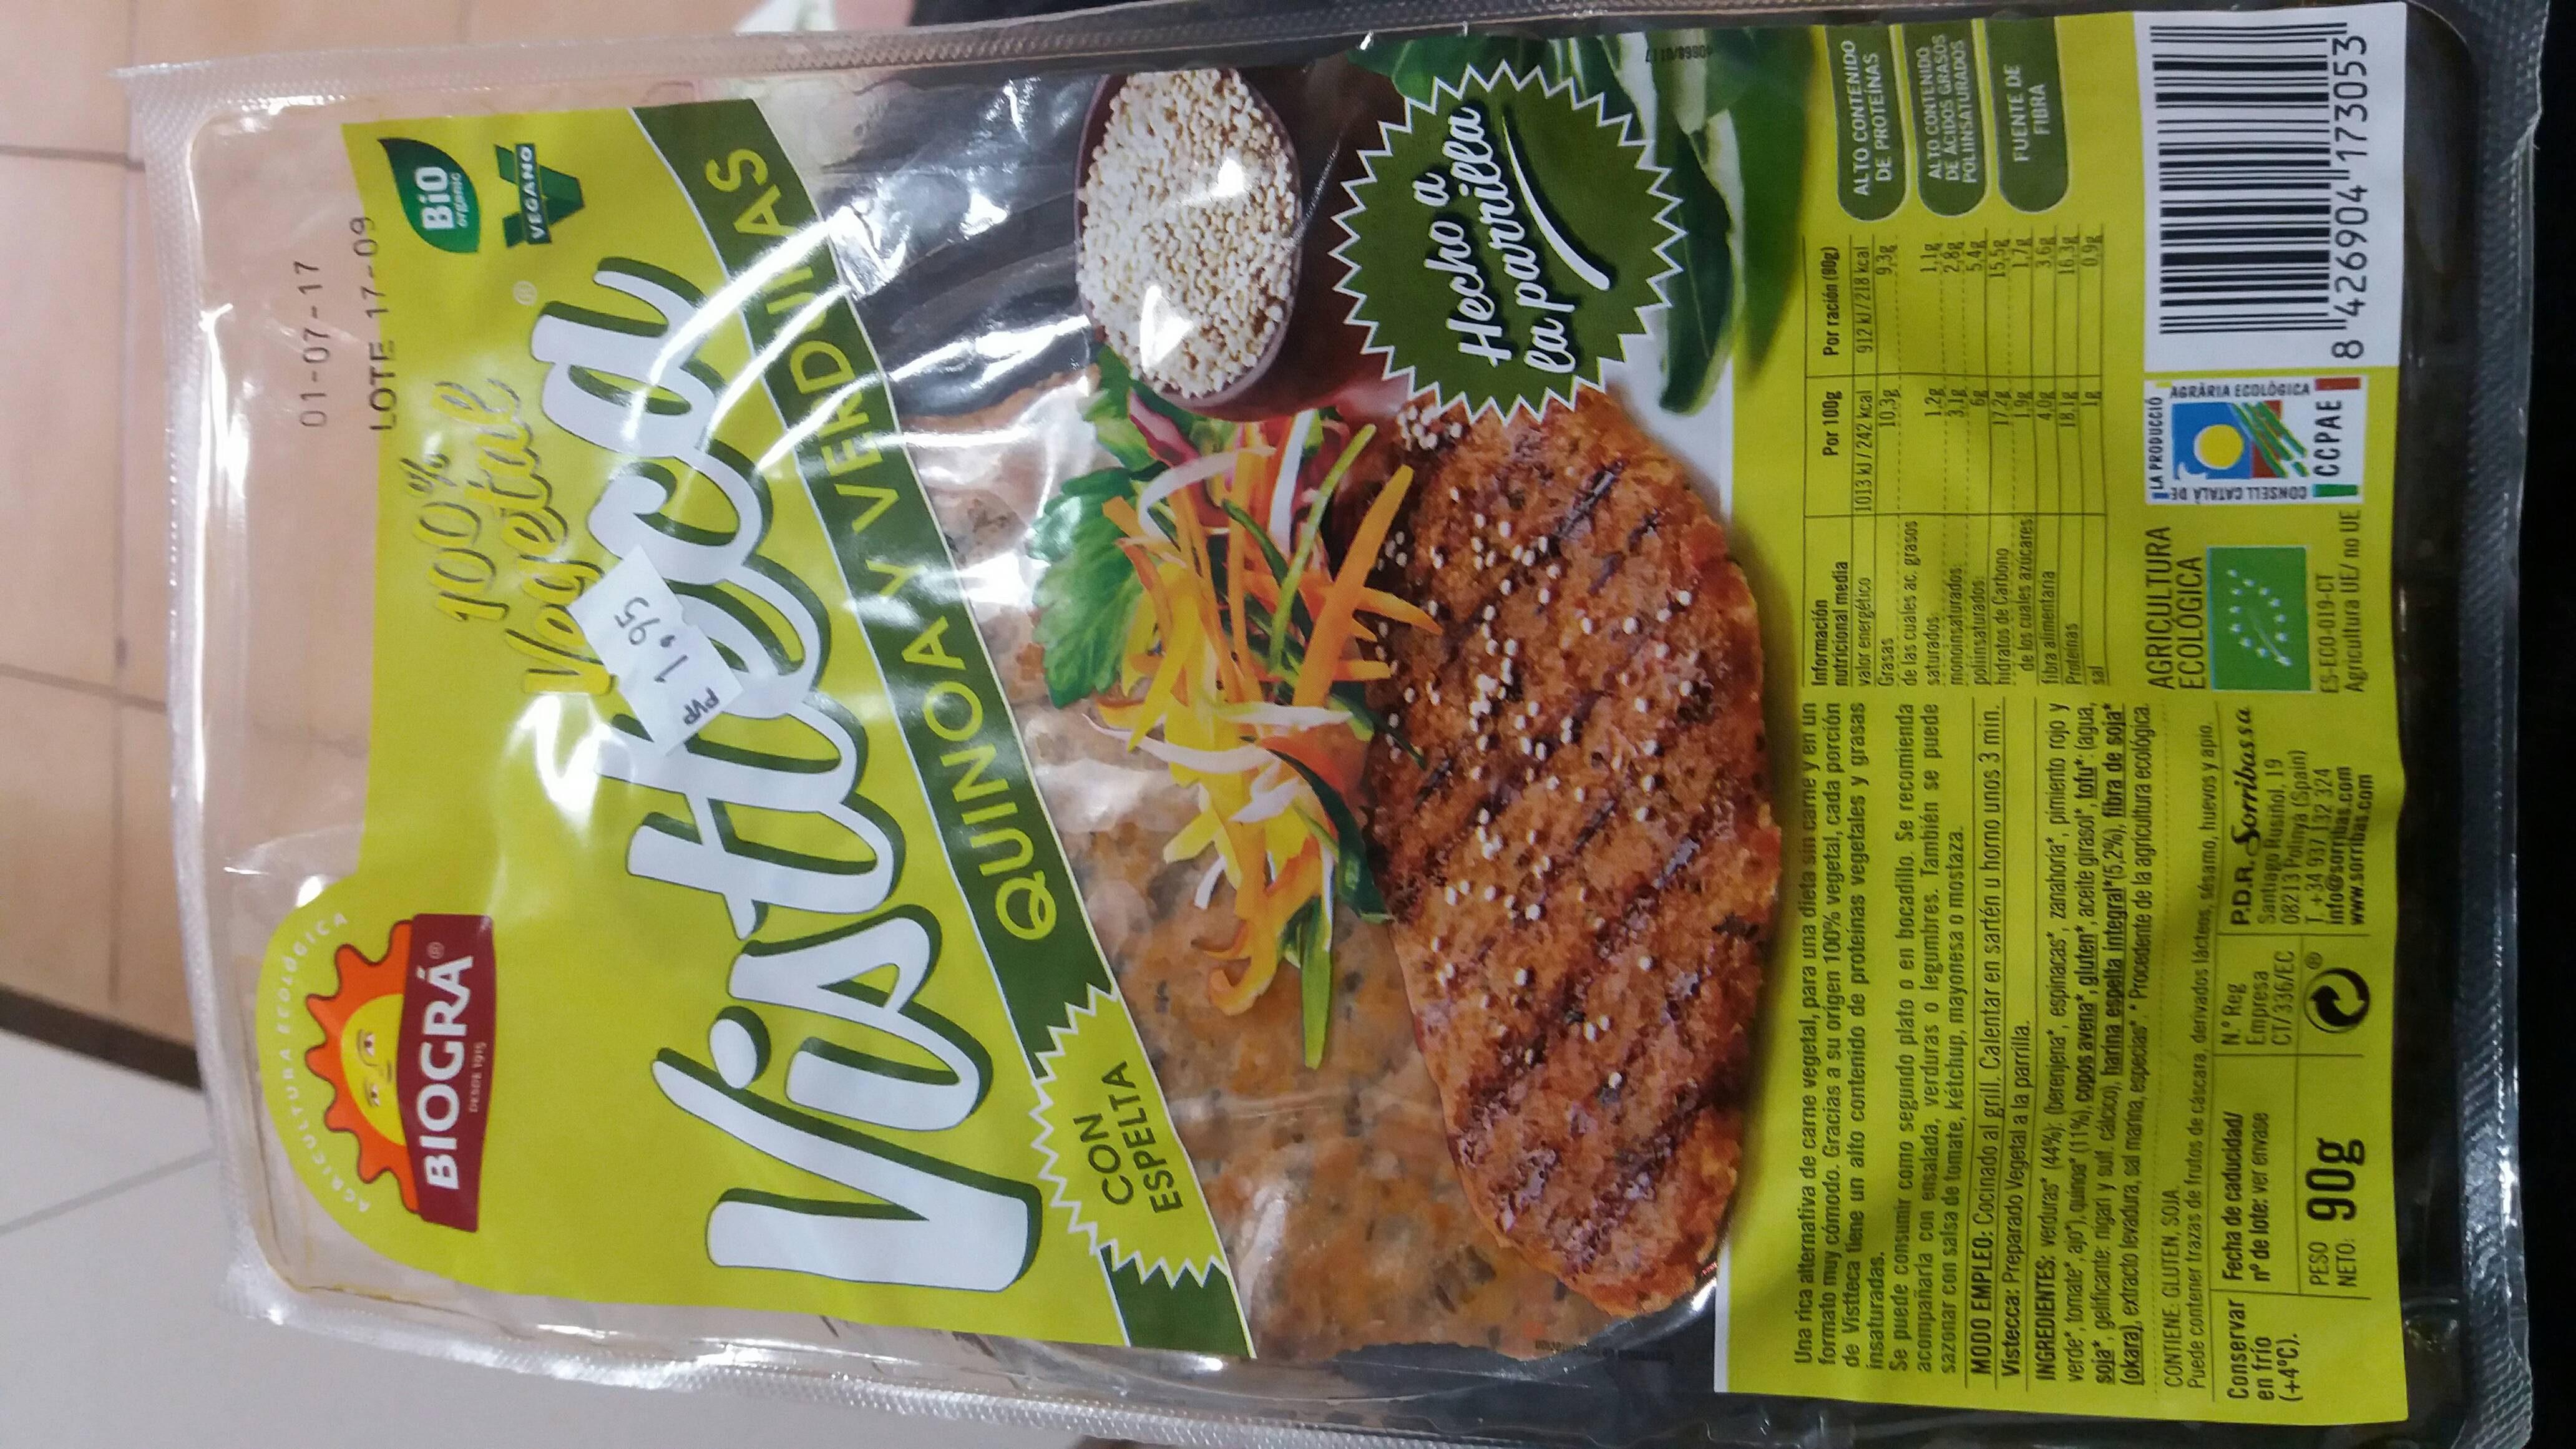 Vistecca quinoa y verduras - Product - en